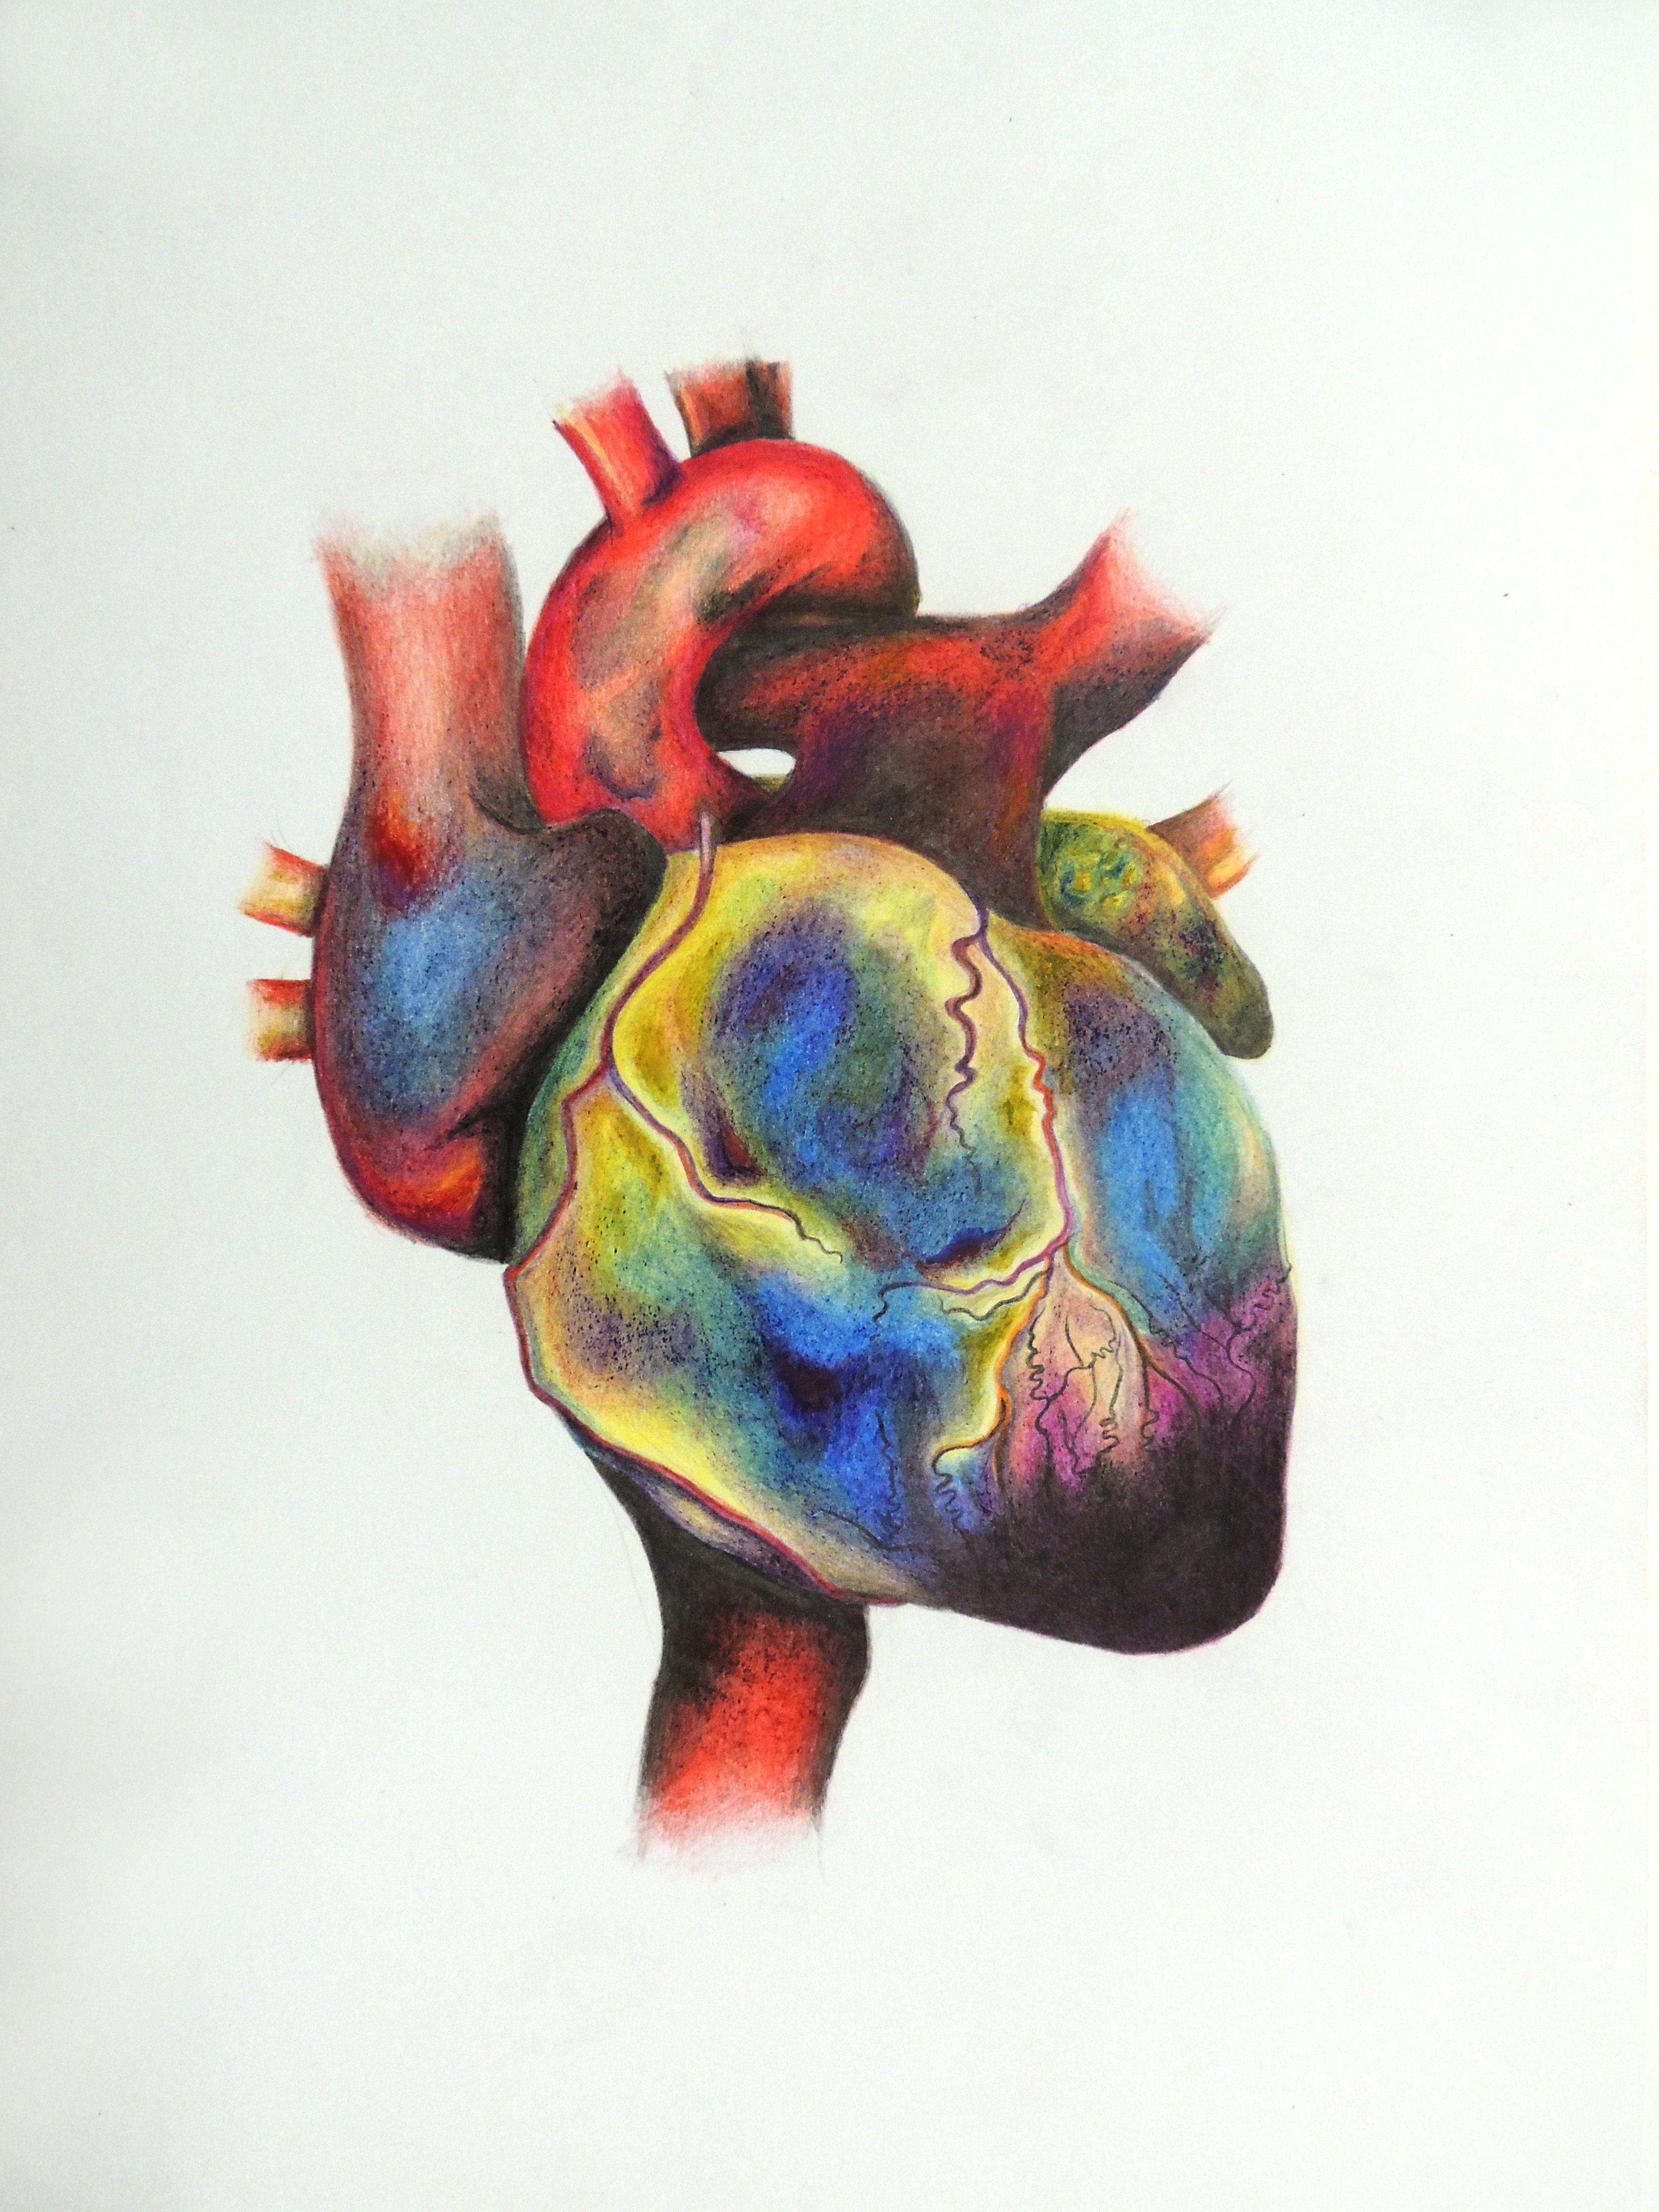 Dibujo y pintura de coraz n humano con sus colores for Colore de pintura